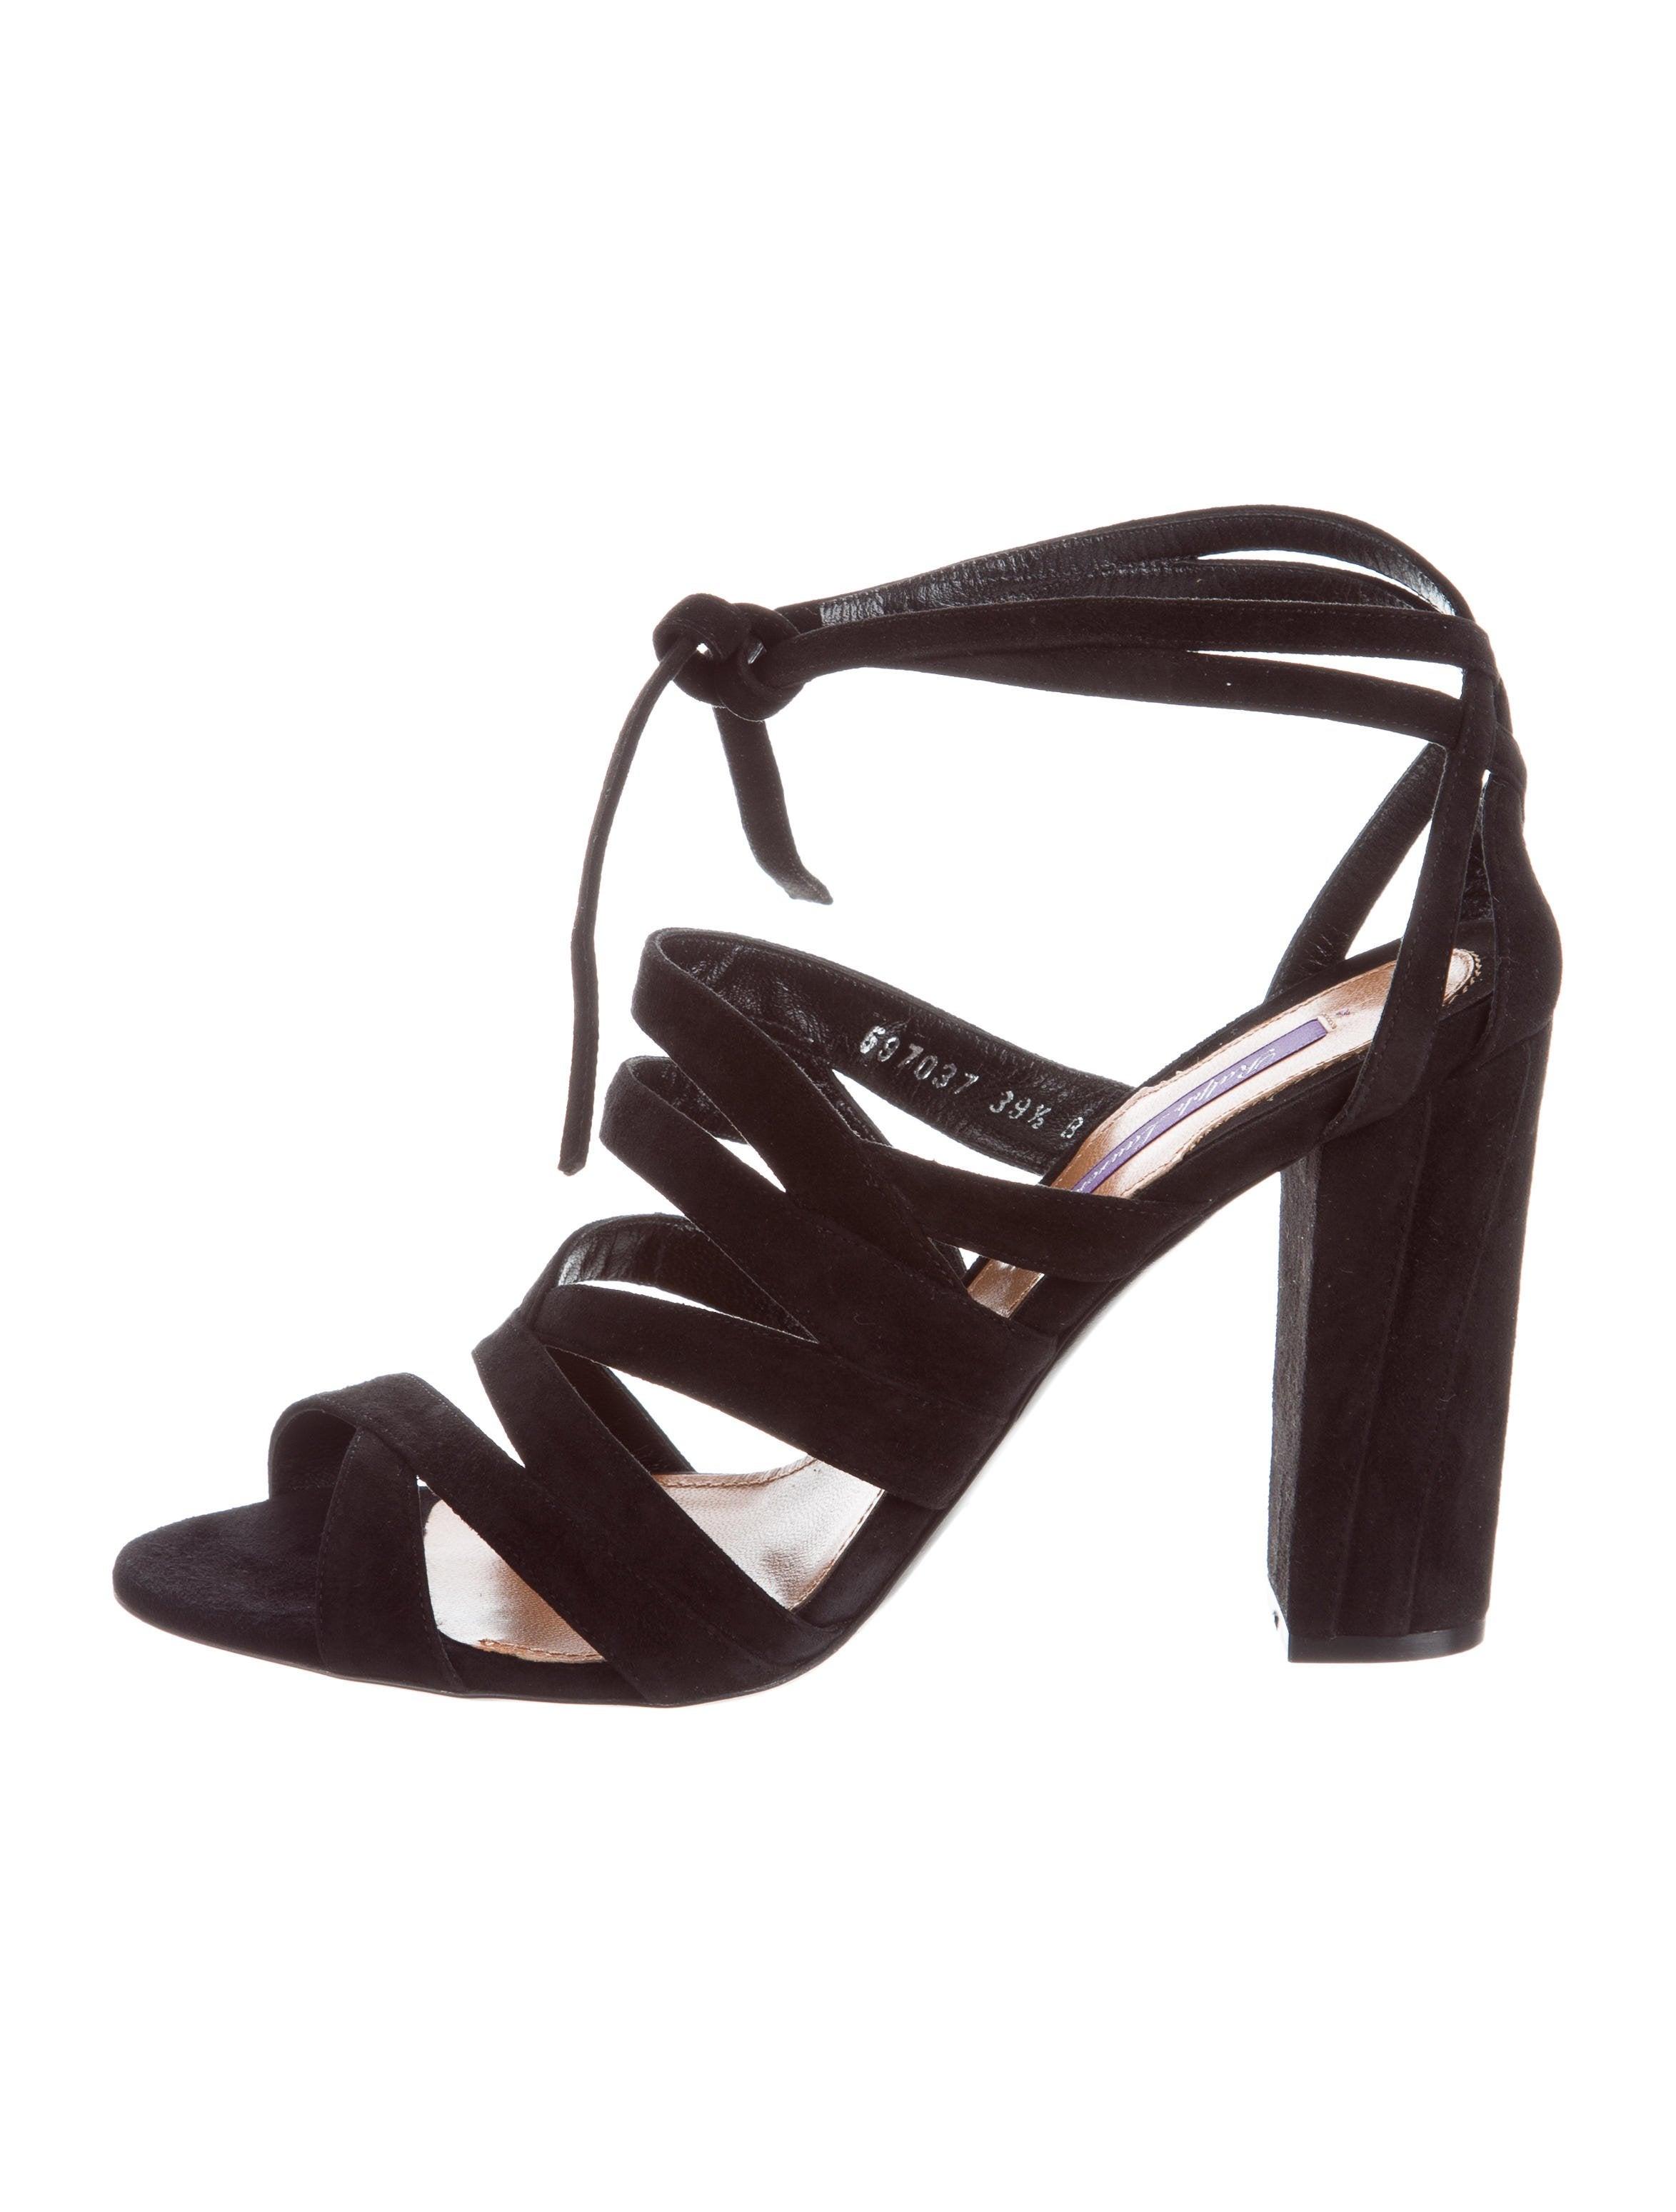 ebay online sale professional Ralph Lauren Purple Label Lauralei Suede Sandals w/ Tags discounts sale online cheap discount clearance authentic WAZpqP0vP3